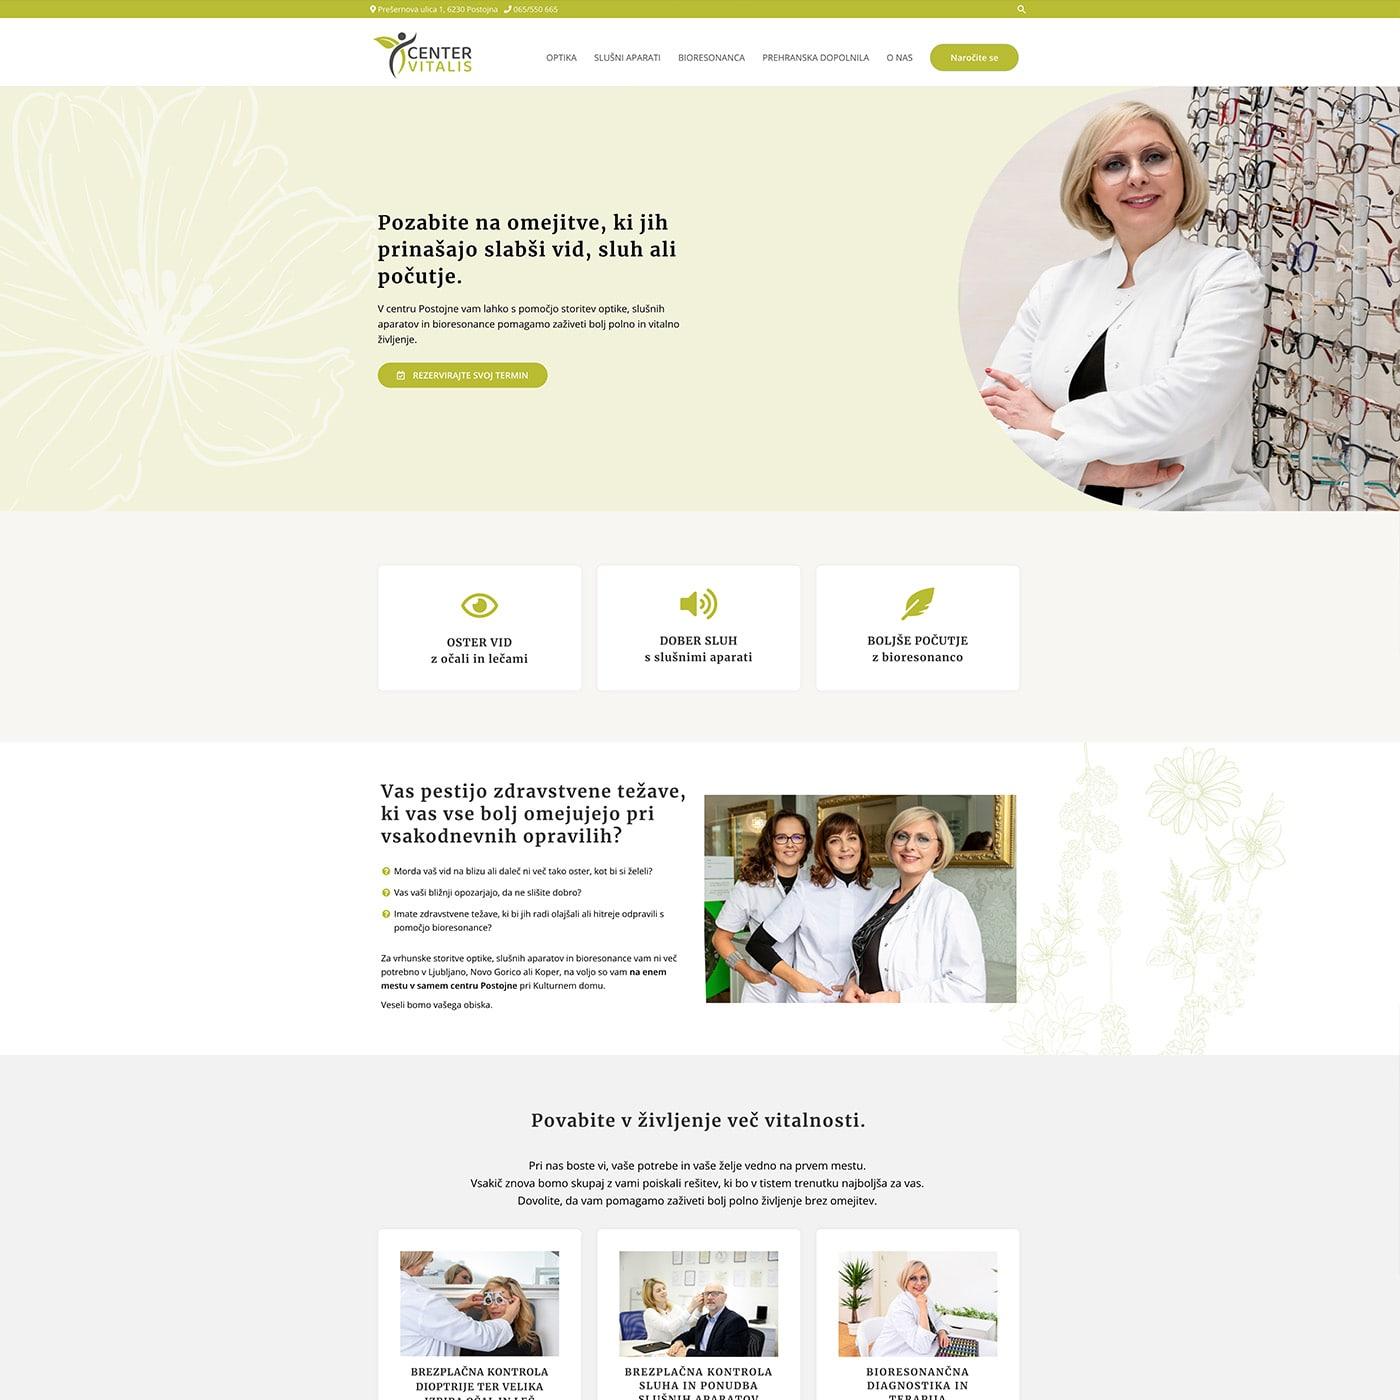 Optika_CenterVitalis_web-min